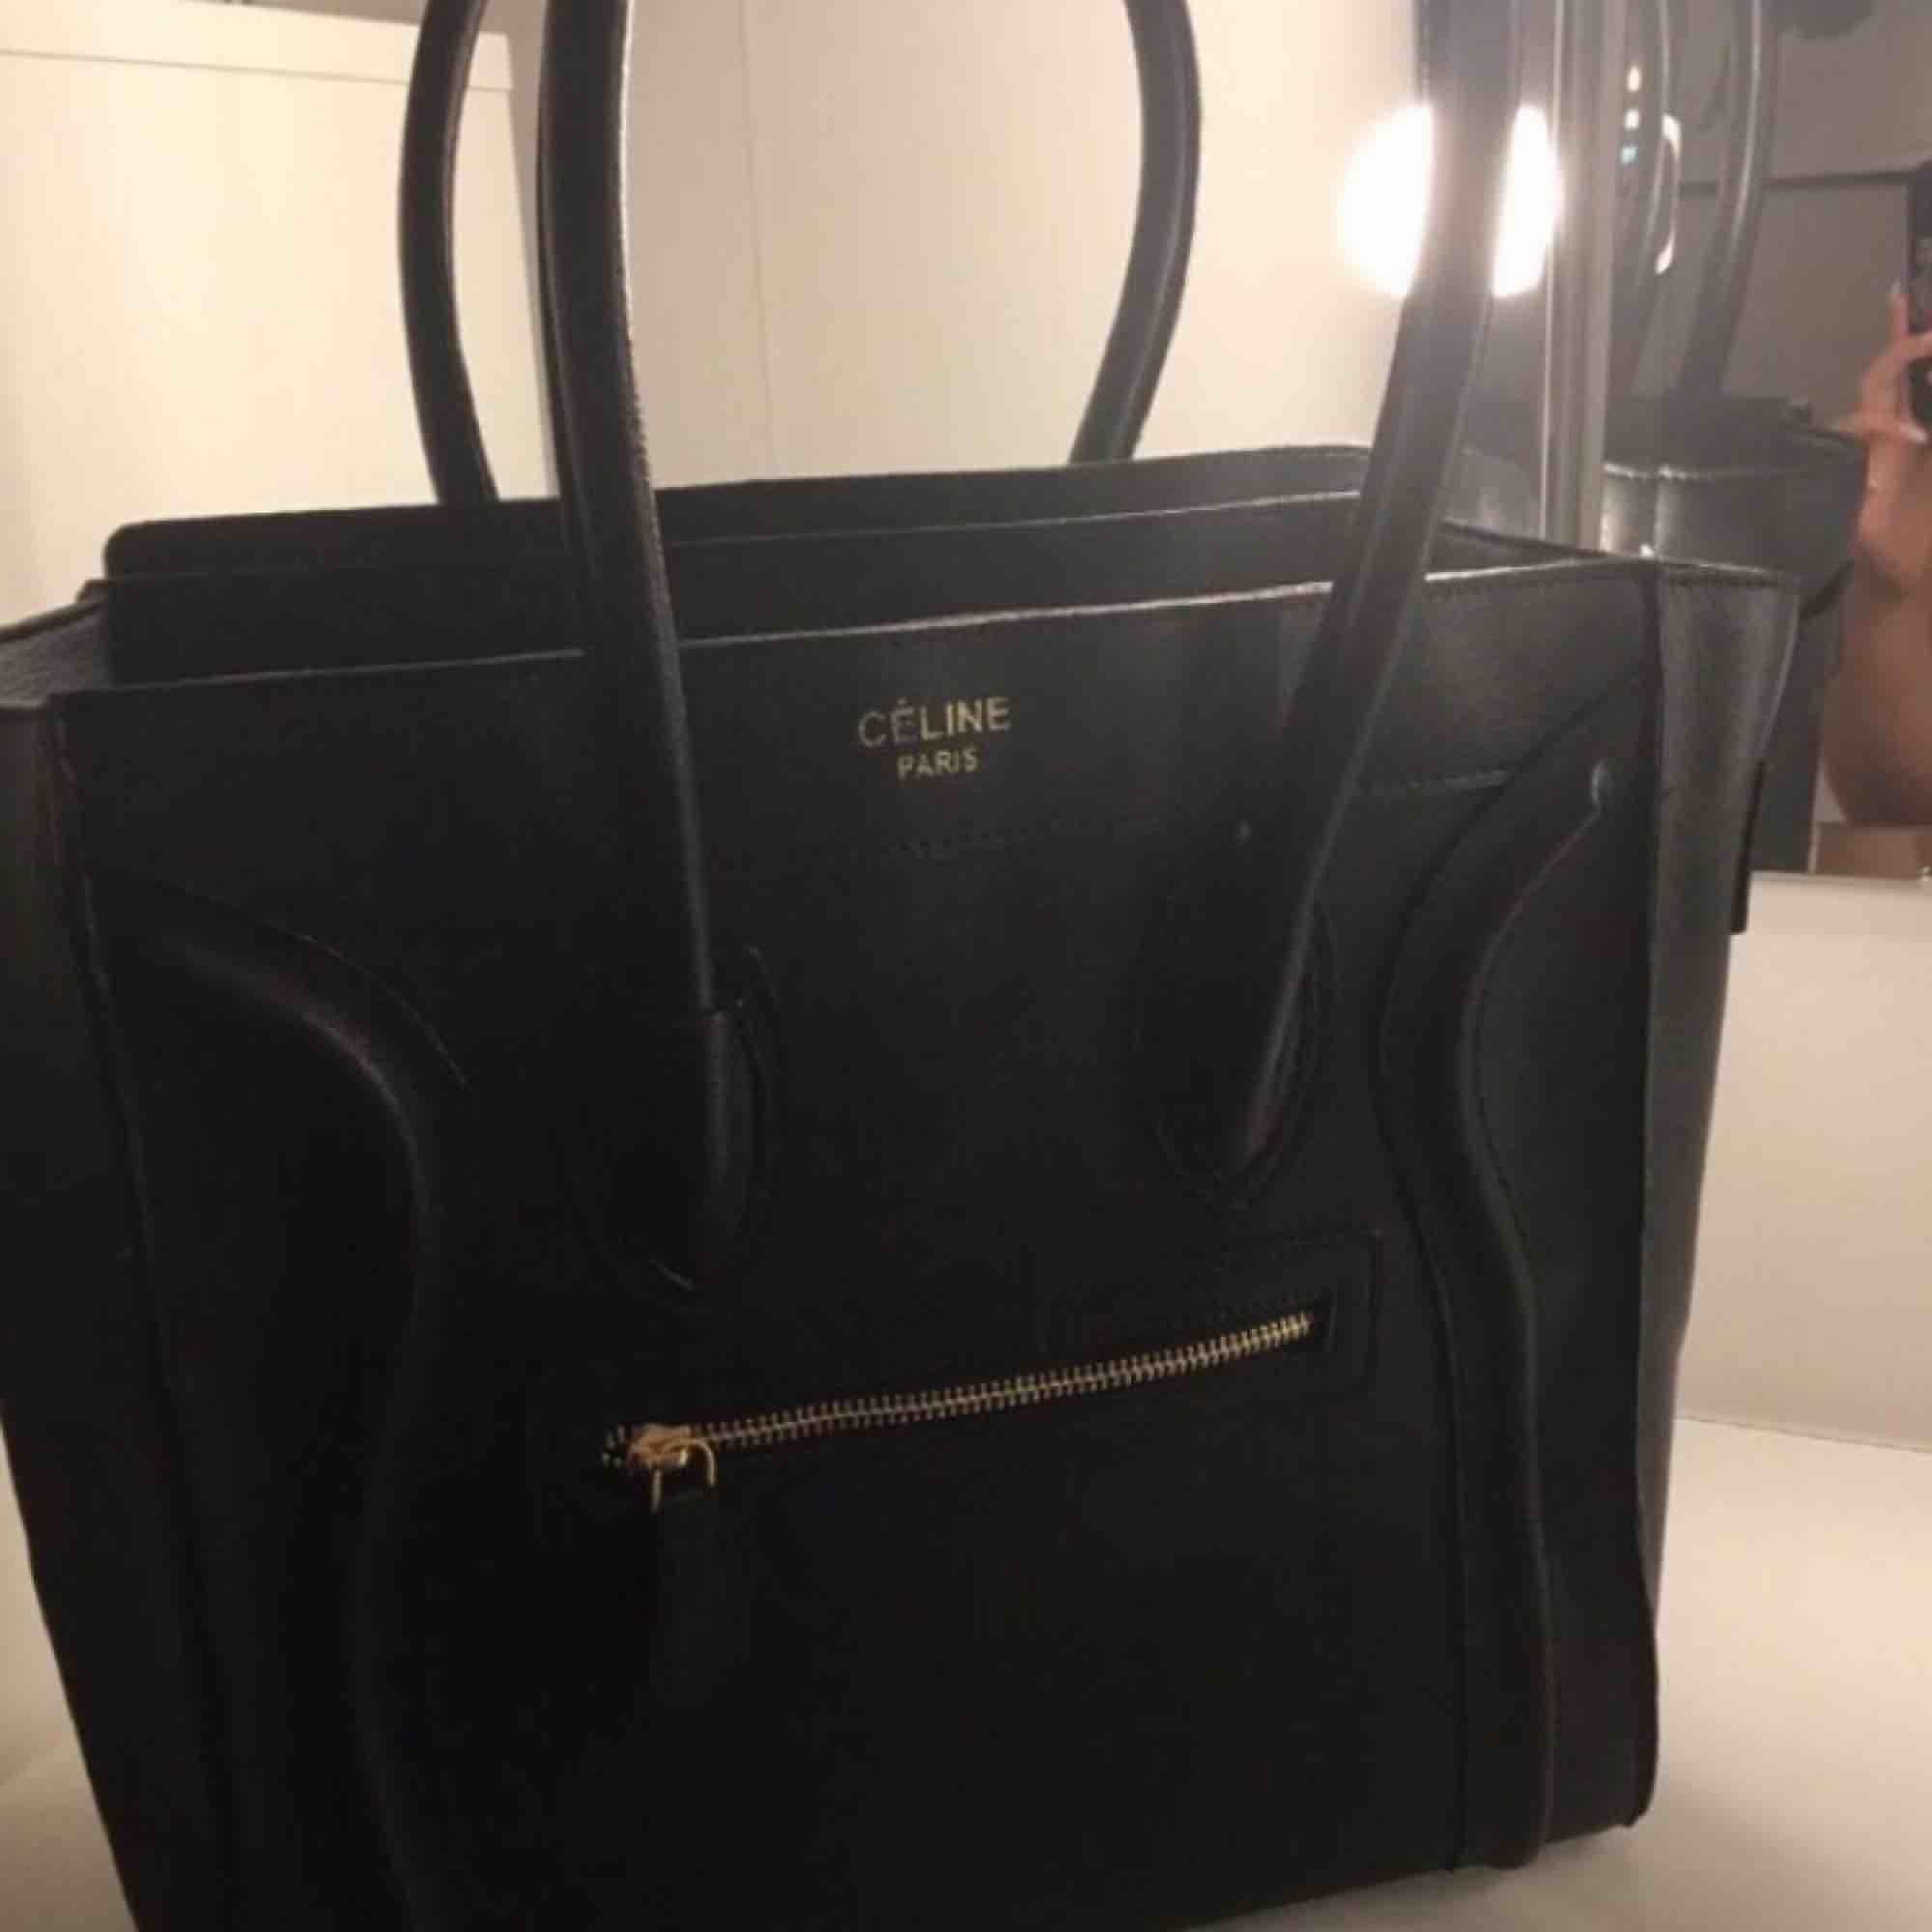 Celine taske bag äkta skinn  Använd 2 gånger Köparen står för frakt. Accessoarer.